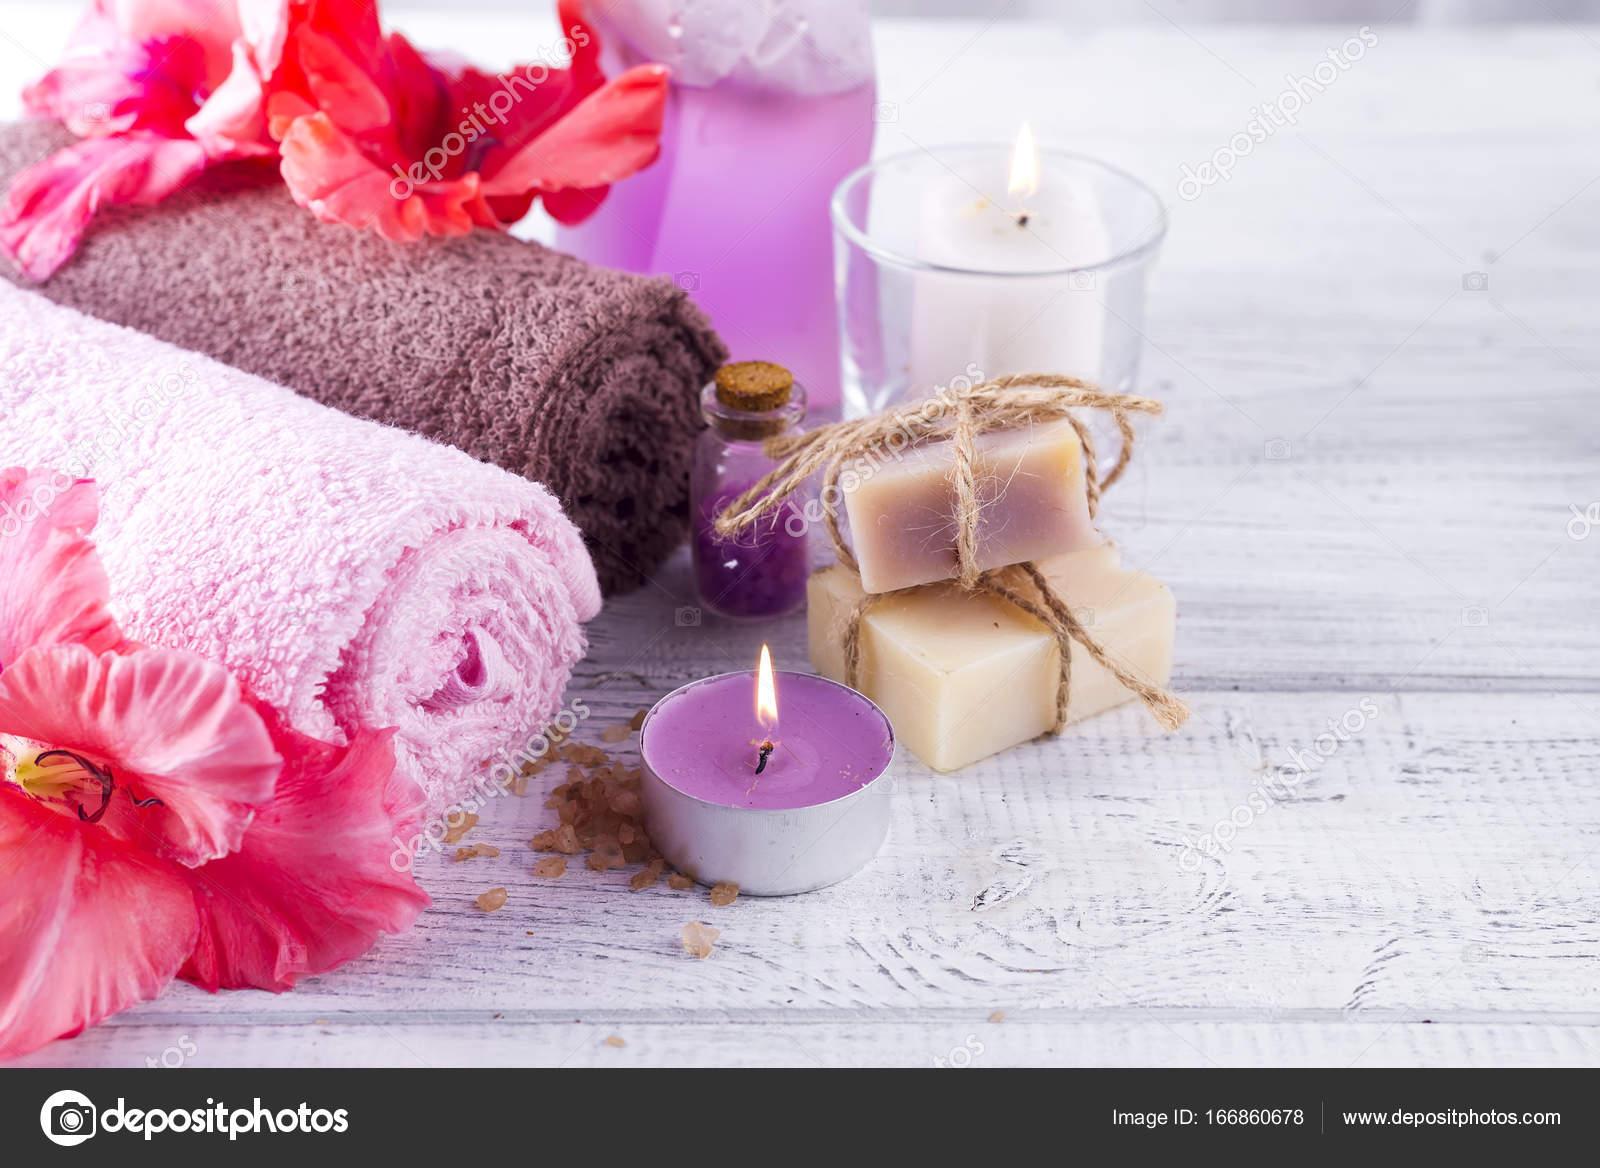 Spa wellness blumen  Wellness Blumen und Kerzen — Stockfoto © lyulka.86 #166860678